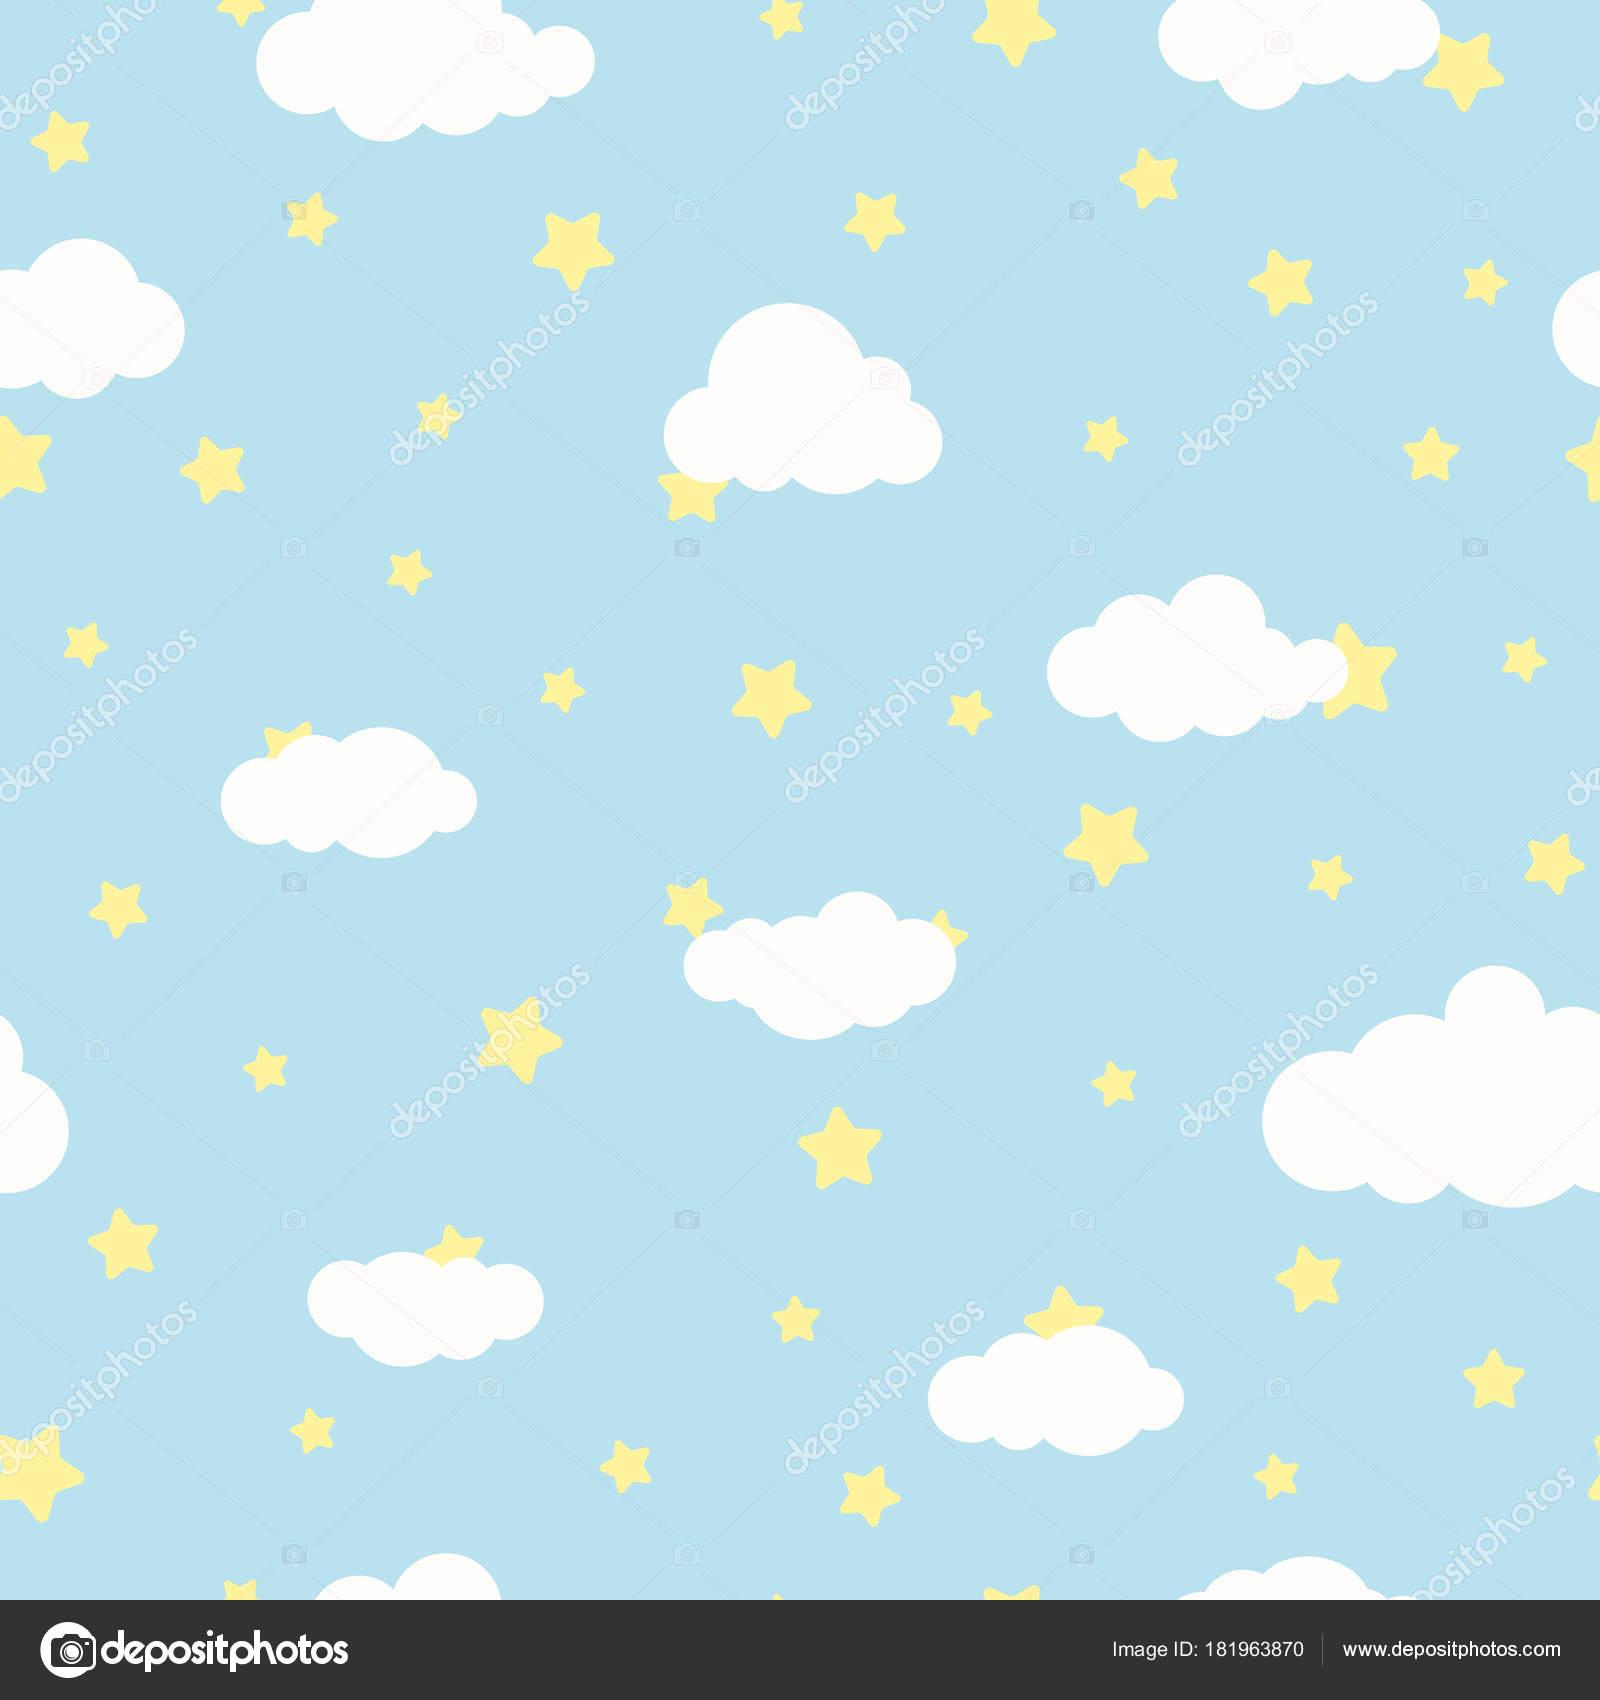 1000 Wallpapers Cute Fondo Dibujos Animados Transparente Con Amarillo Estrellas